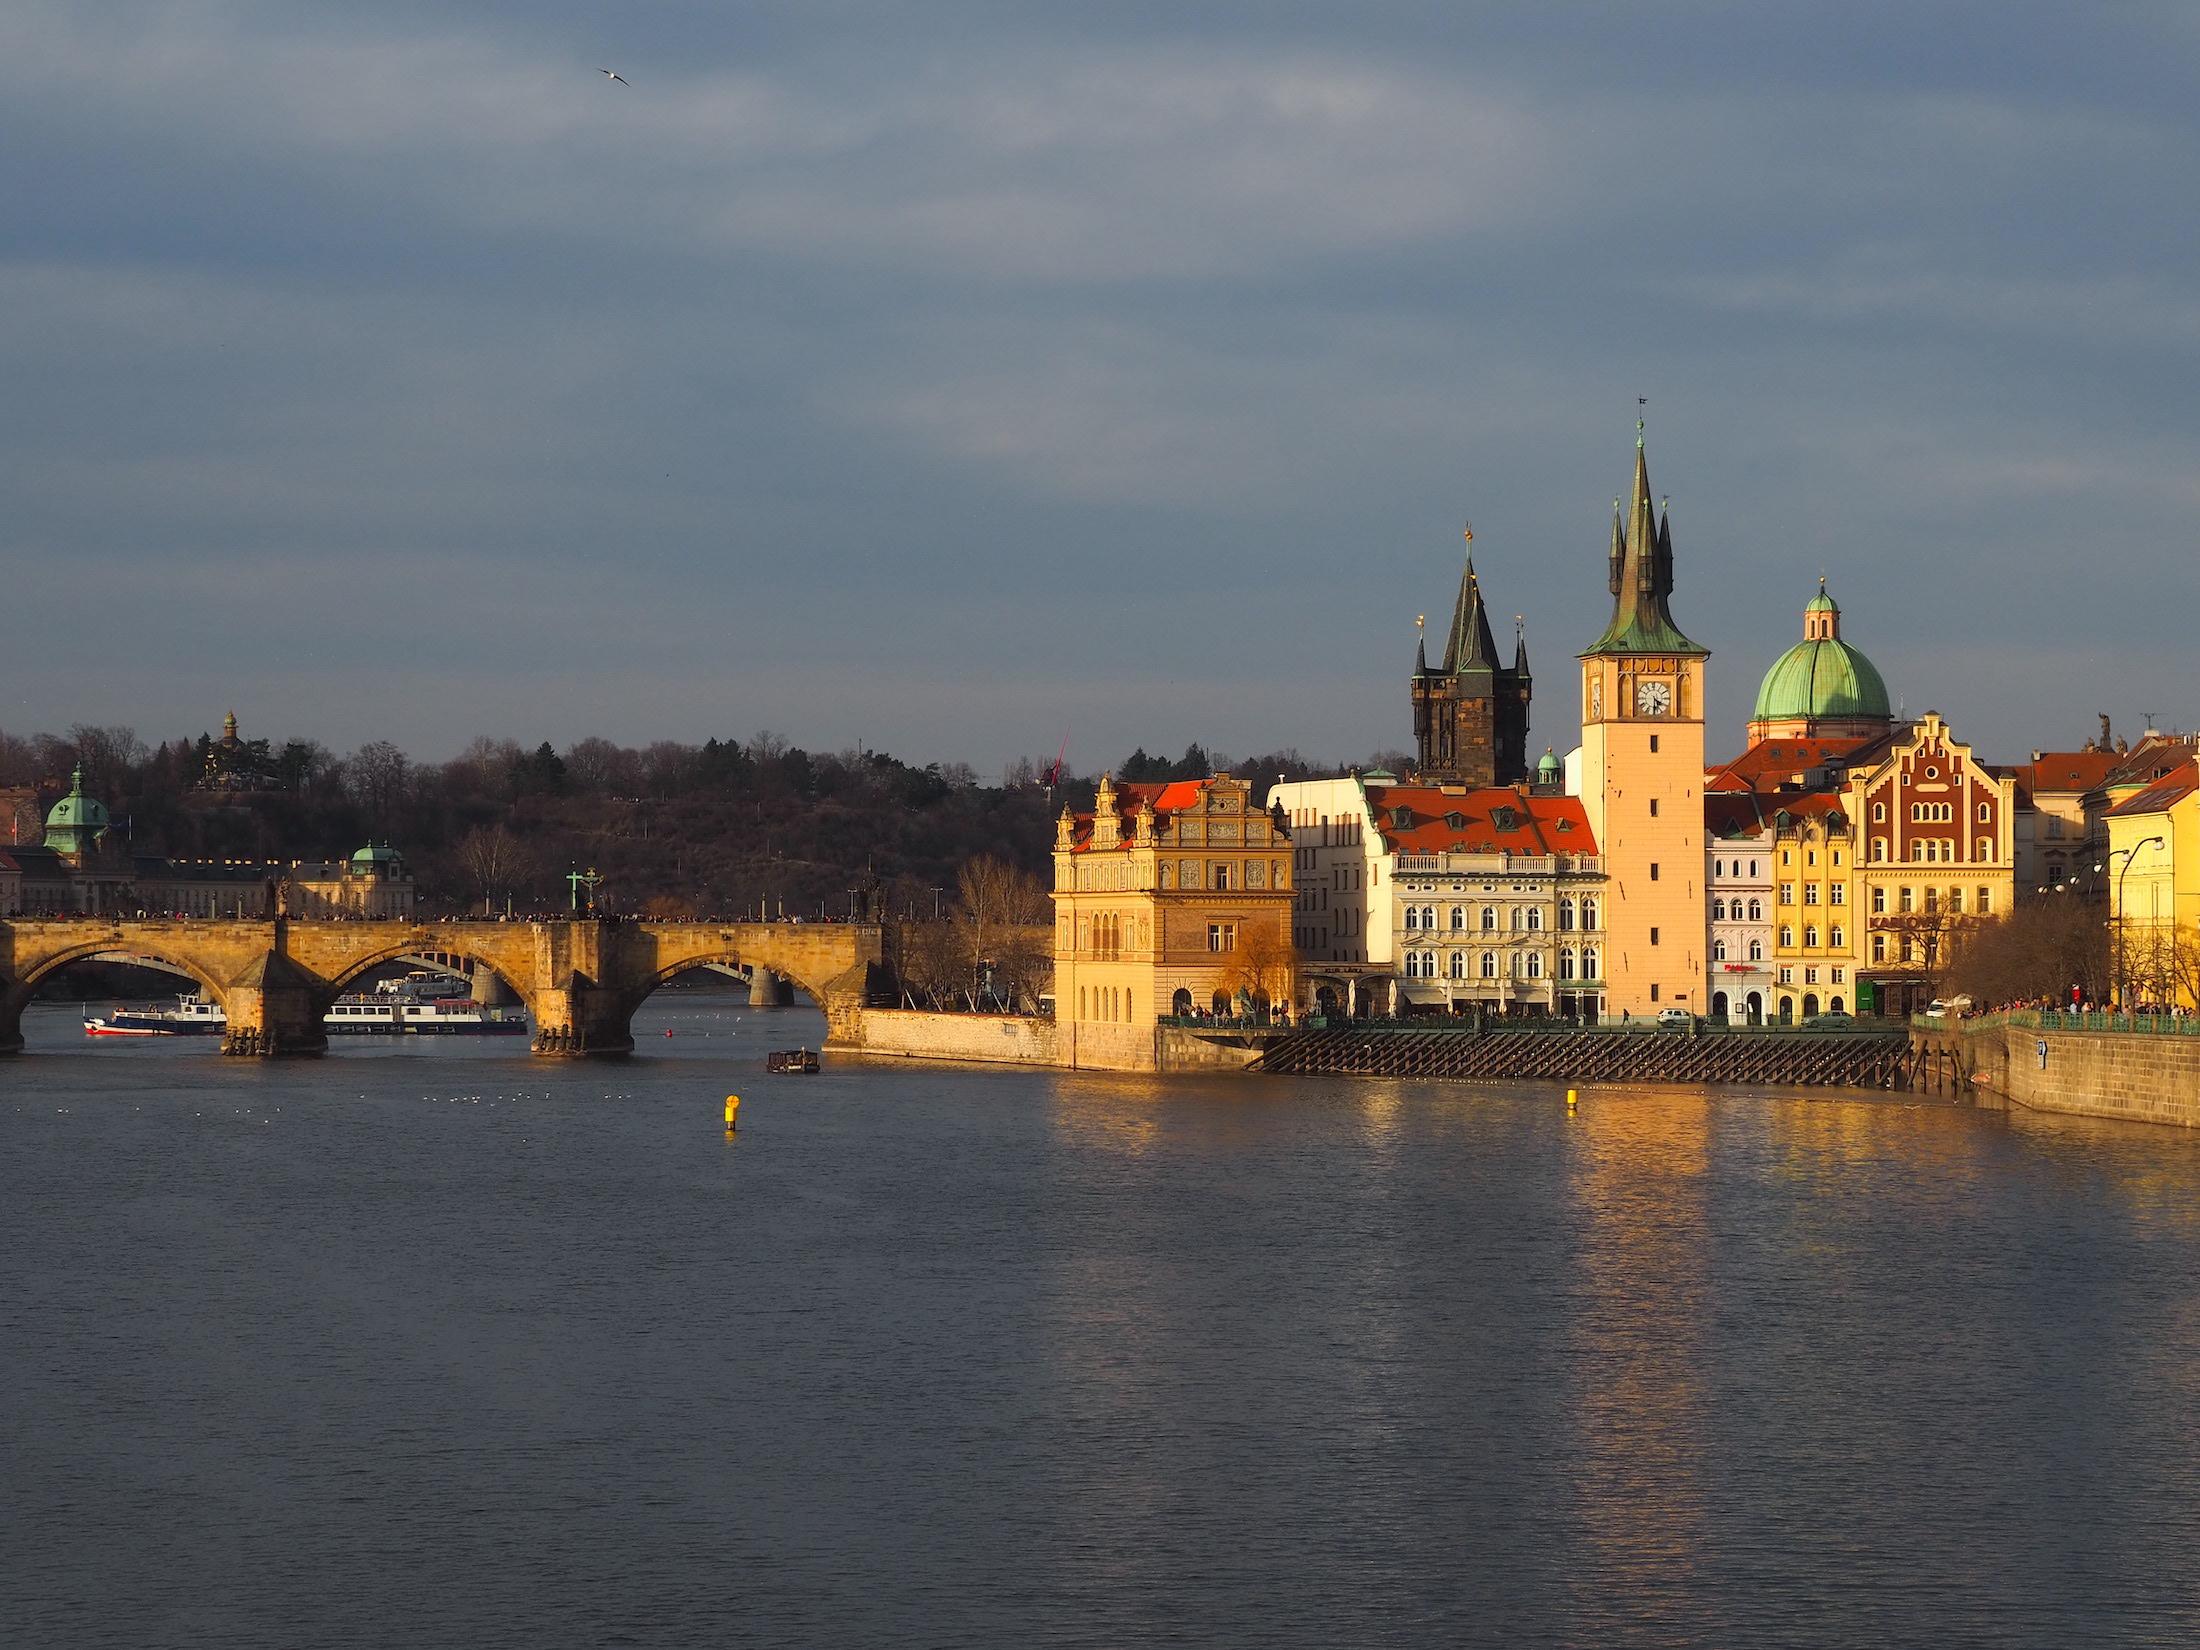 Vue sur le pont Charle depuis l'île Střelecký ostrov à Prague